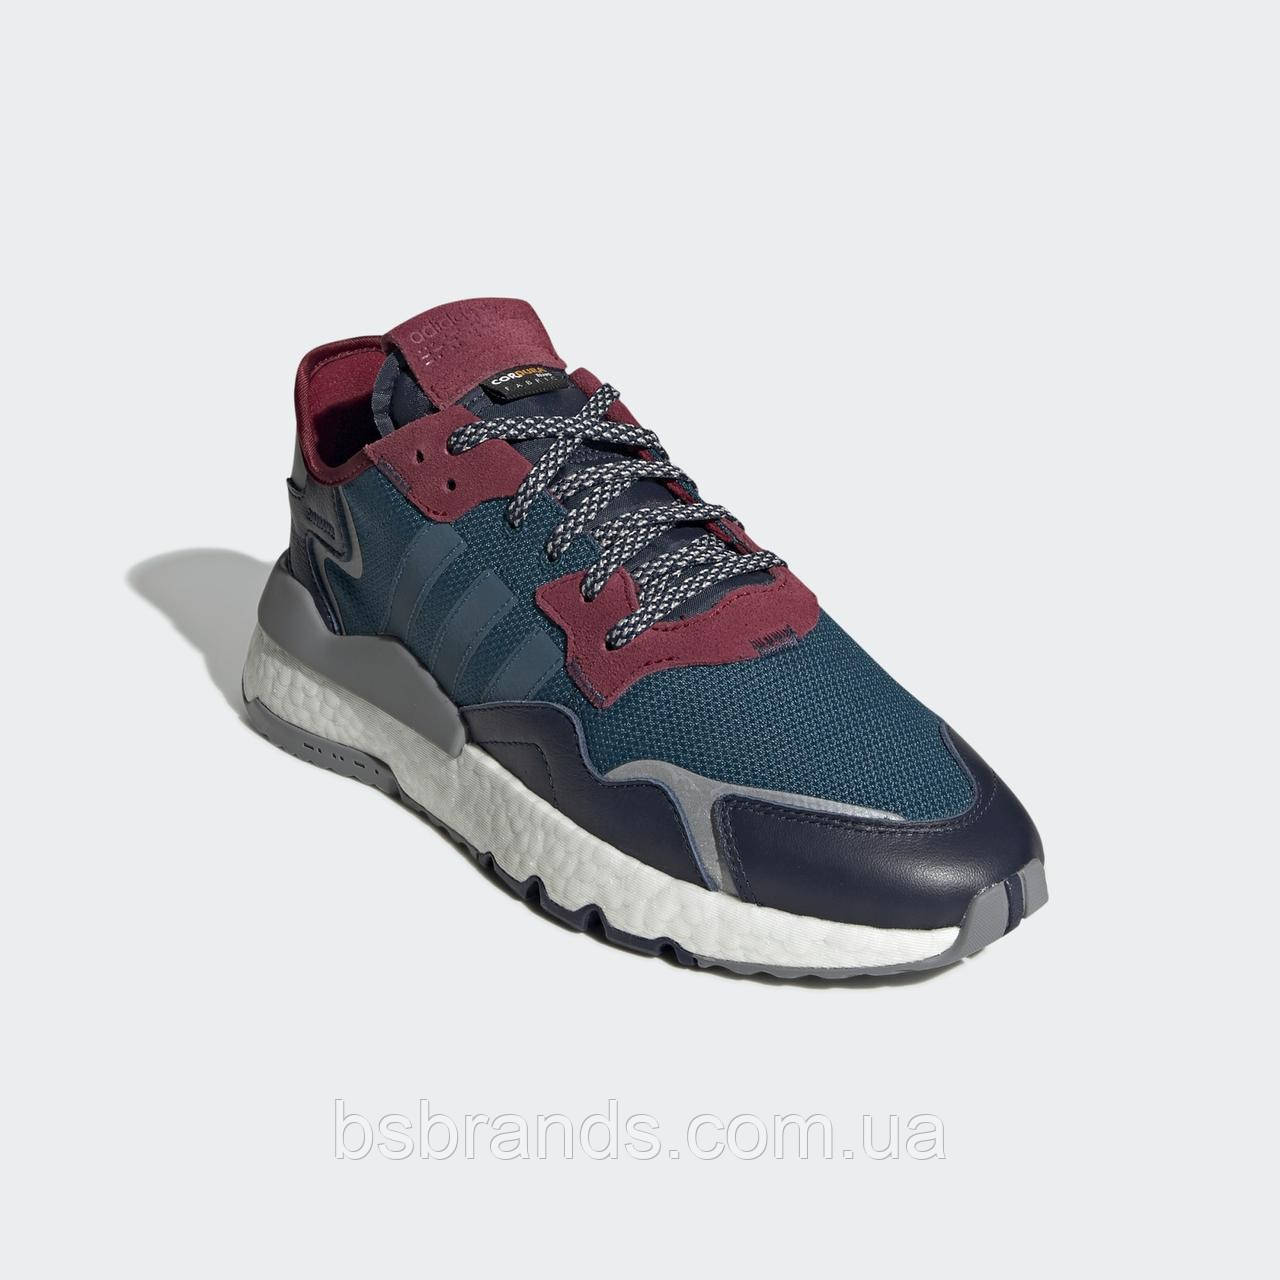 Мужские кроссовки adidas Nite Jogger EE5872